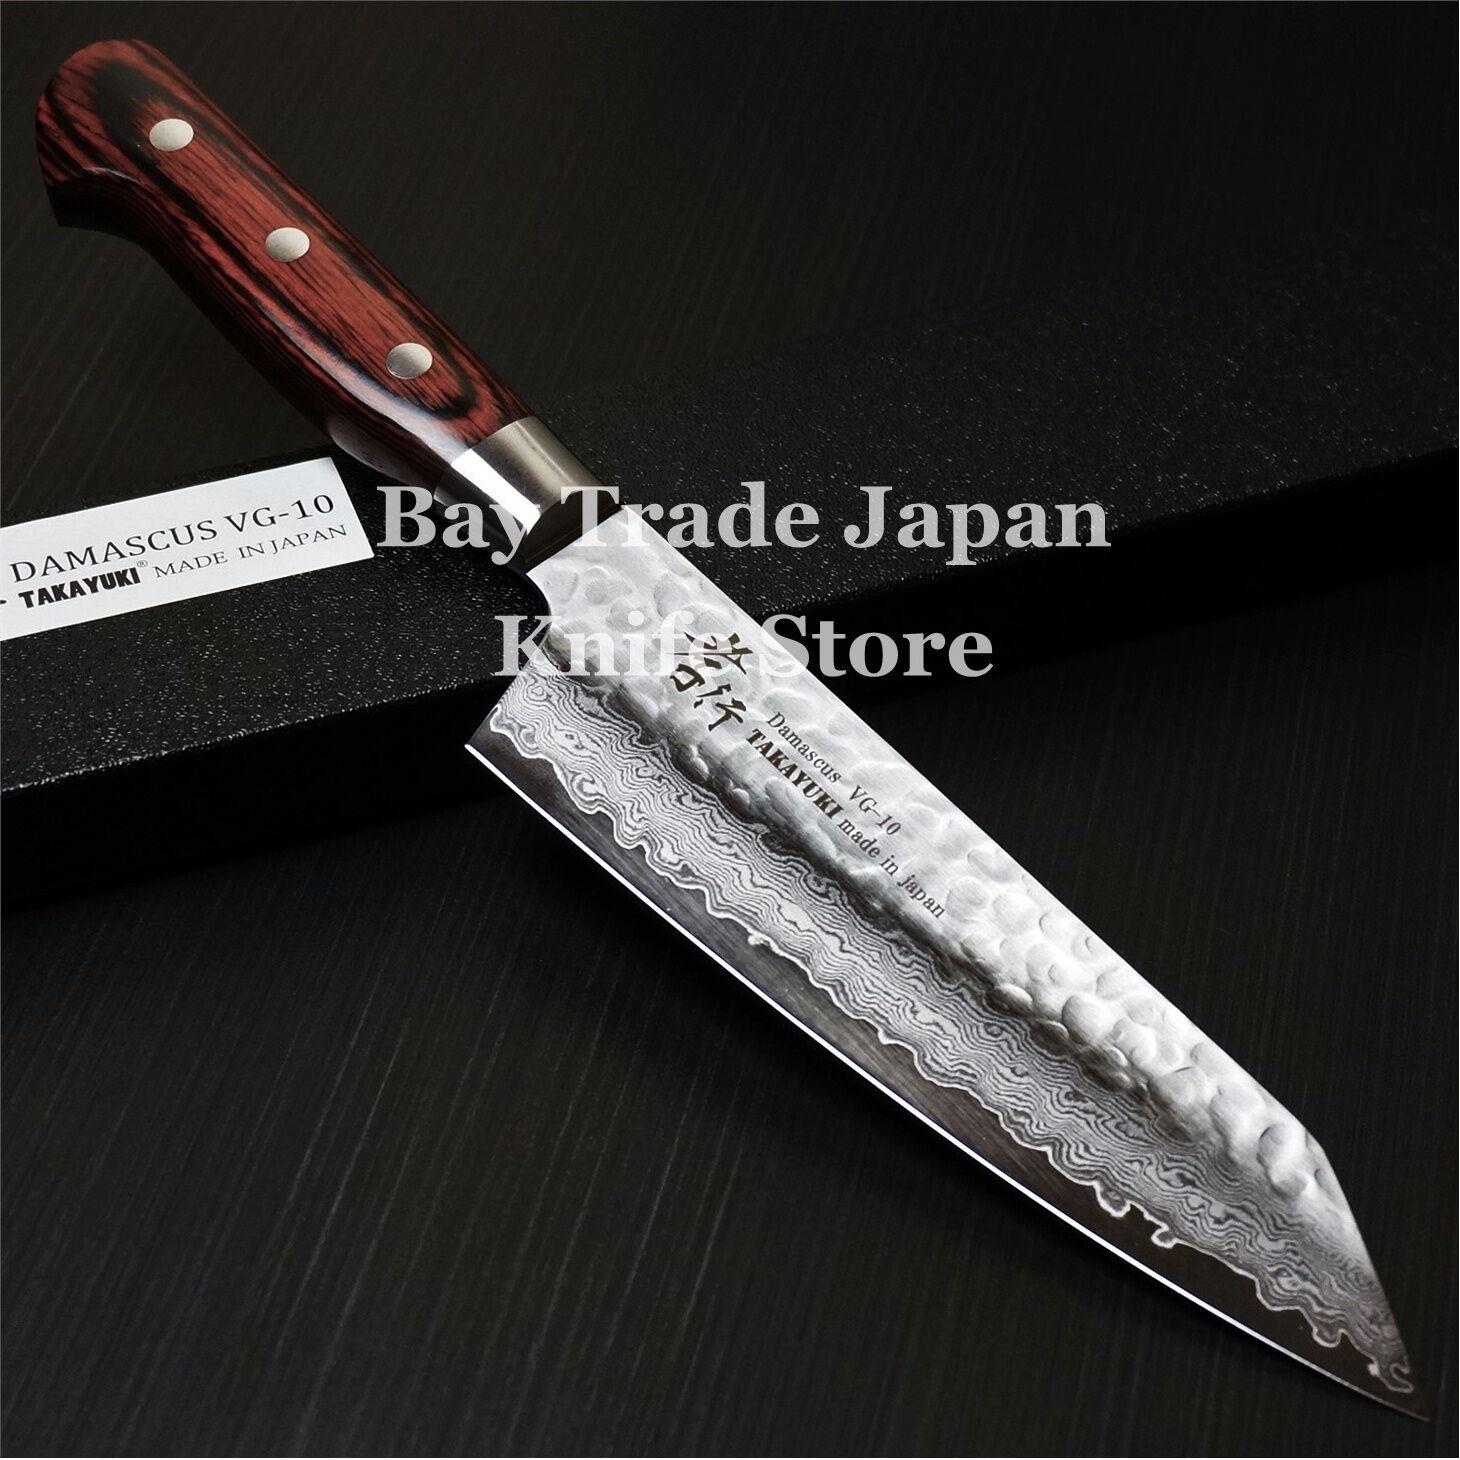 Santoku Knife: Japanese Sakai Takayuki Hammered Damascus VG10 Kengata